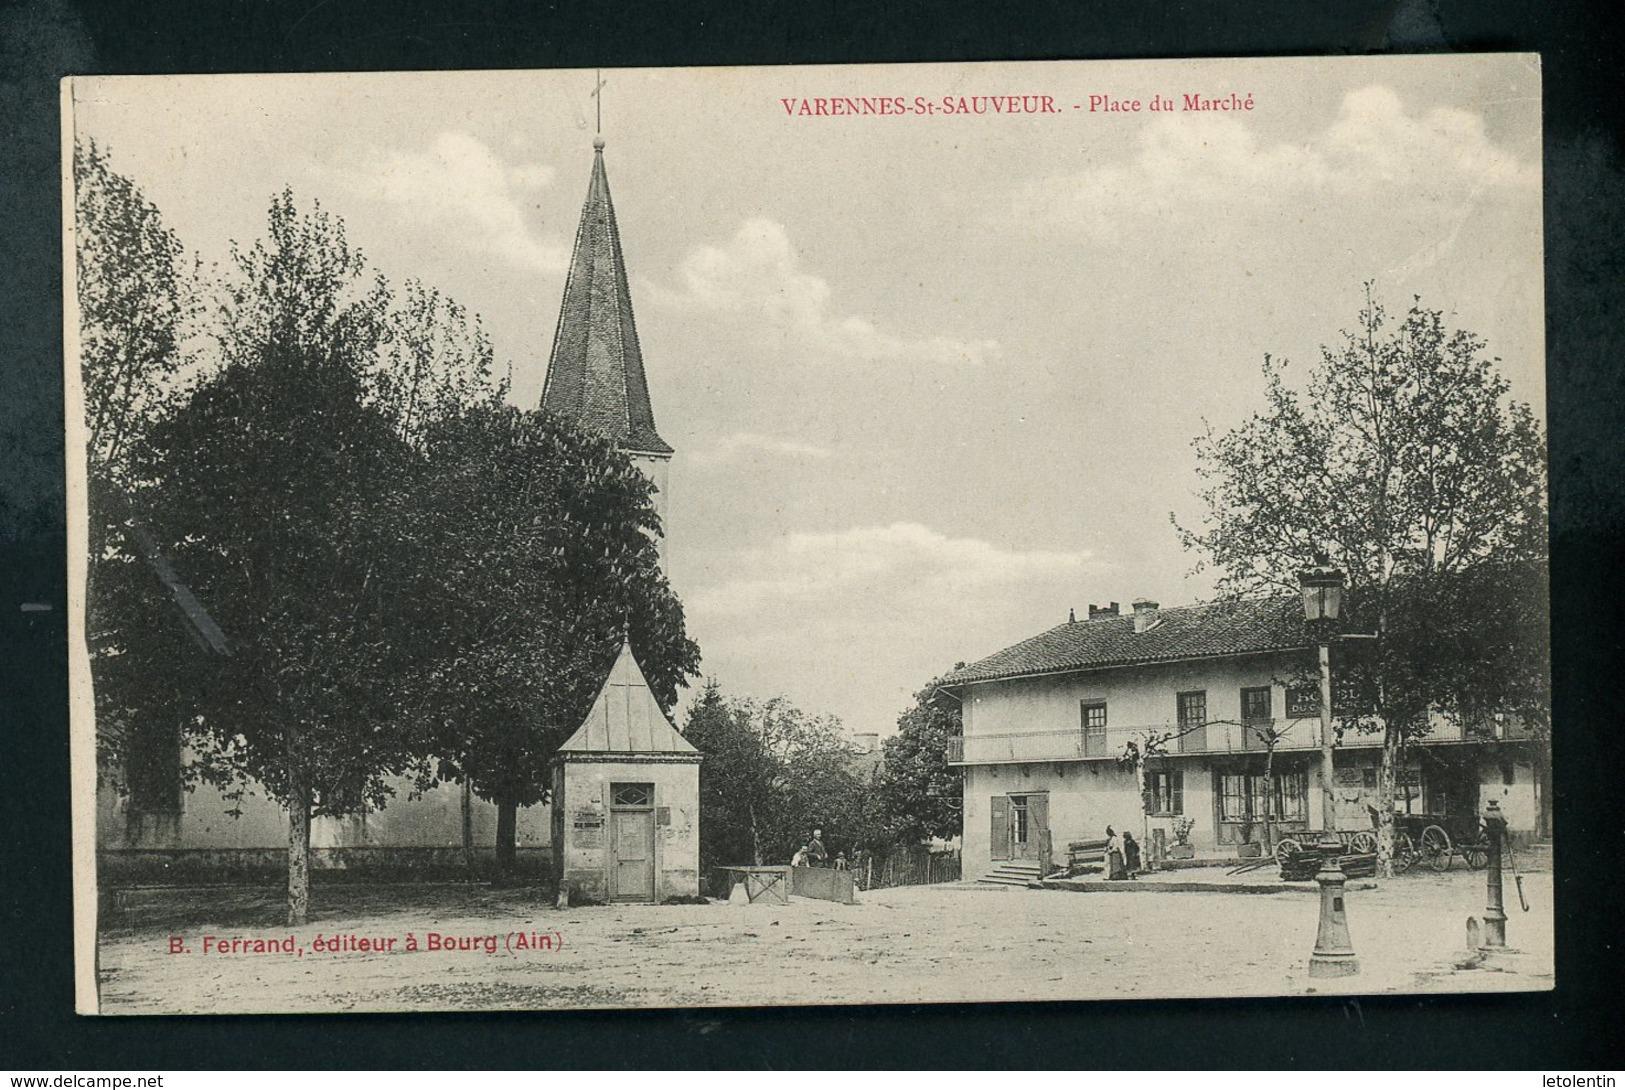 CPA: 71 - VARENNES-St-SAUVEUR - PLACE DU MARCHÉ - France